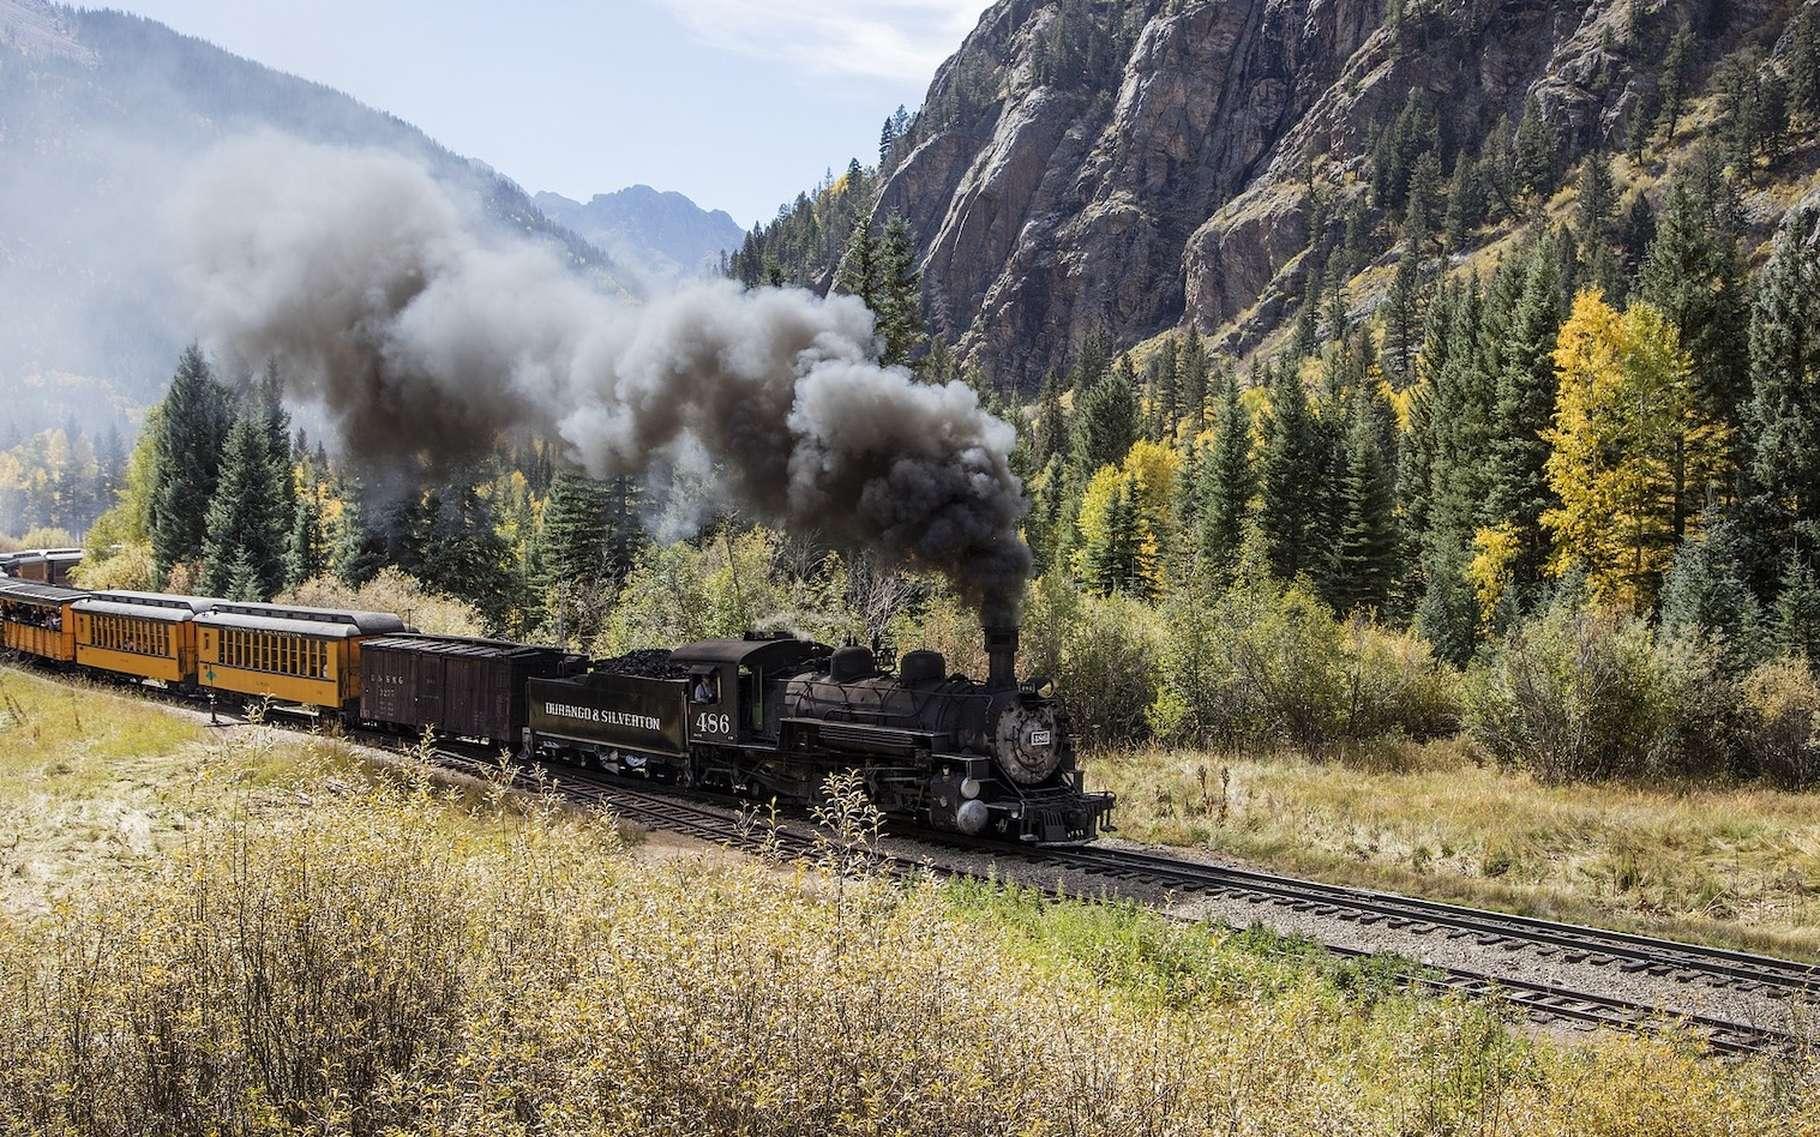 La locomotive à vapeur, généralement reléguée aujourd'hui à des balades touristiques, est le symbole des usages de la vapeur dans l'industrie. © skeeze, Pixabay, CC0 Creative Commons